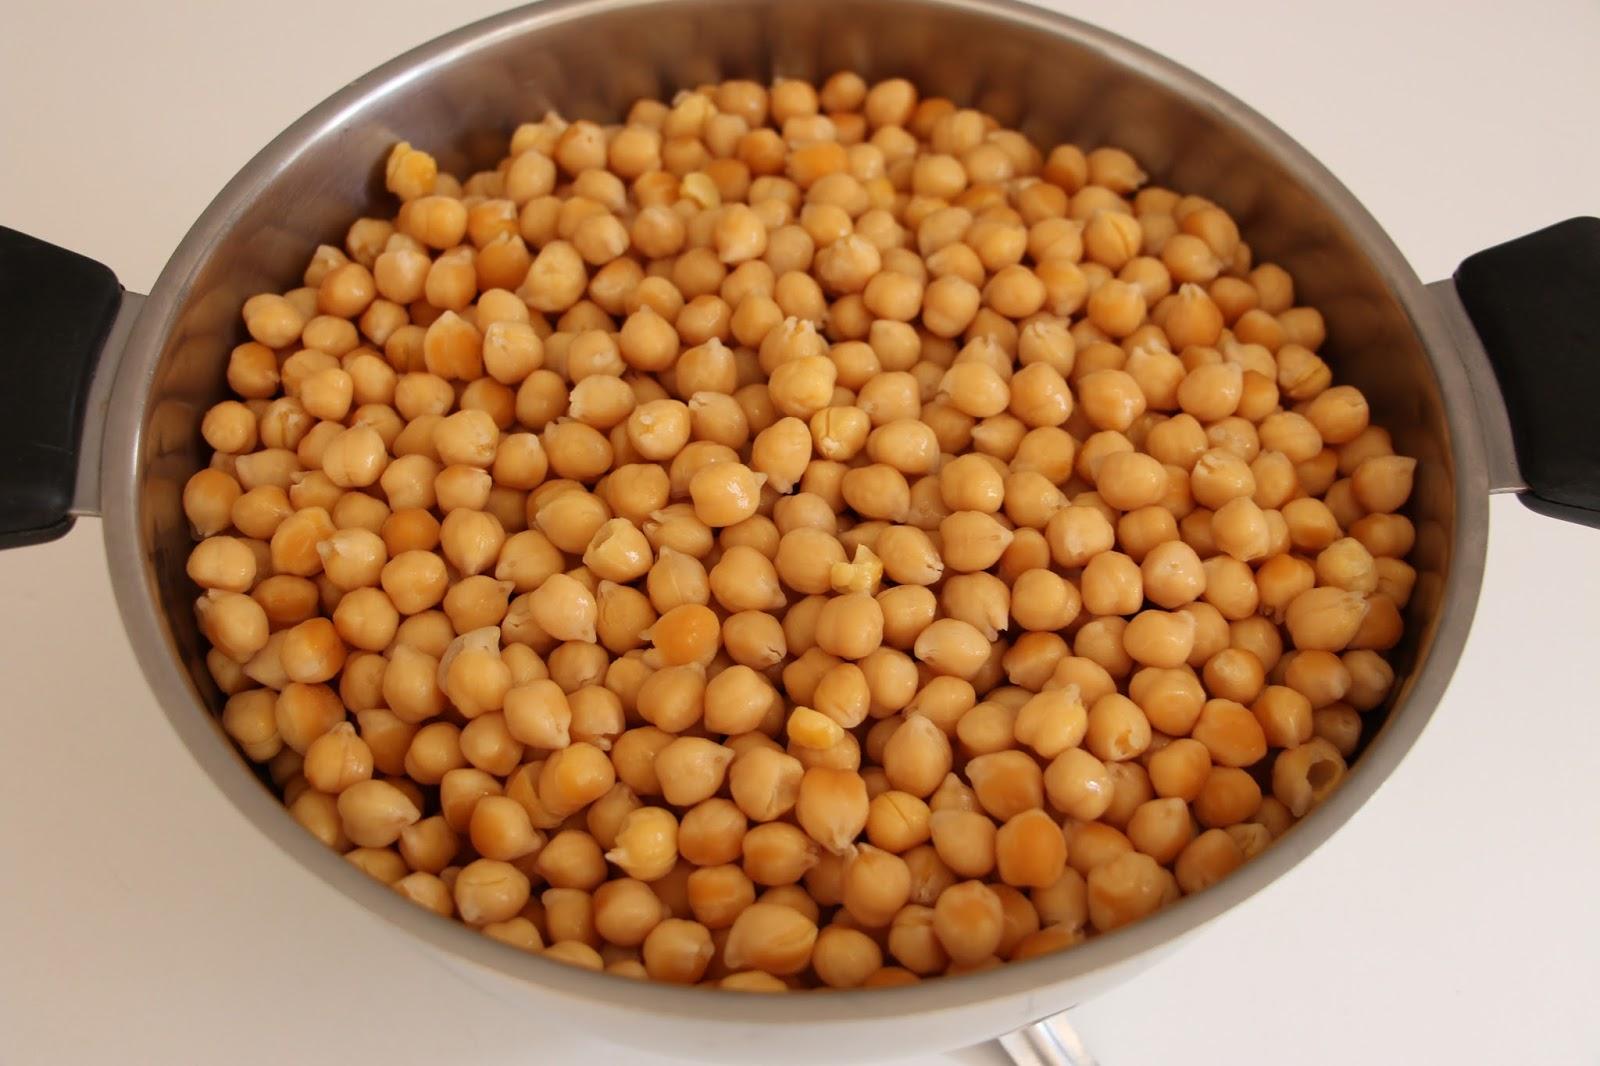 Zuppa di castagne e ceci soupe de ch taignes et pois chiches une recette vegan succulente - Temps de cuisson chataigne a l eau ...